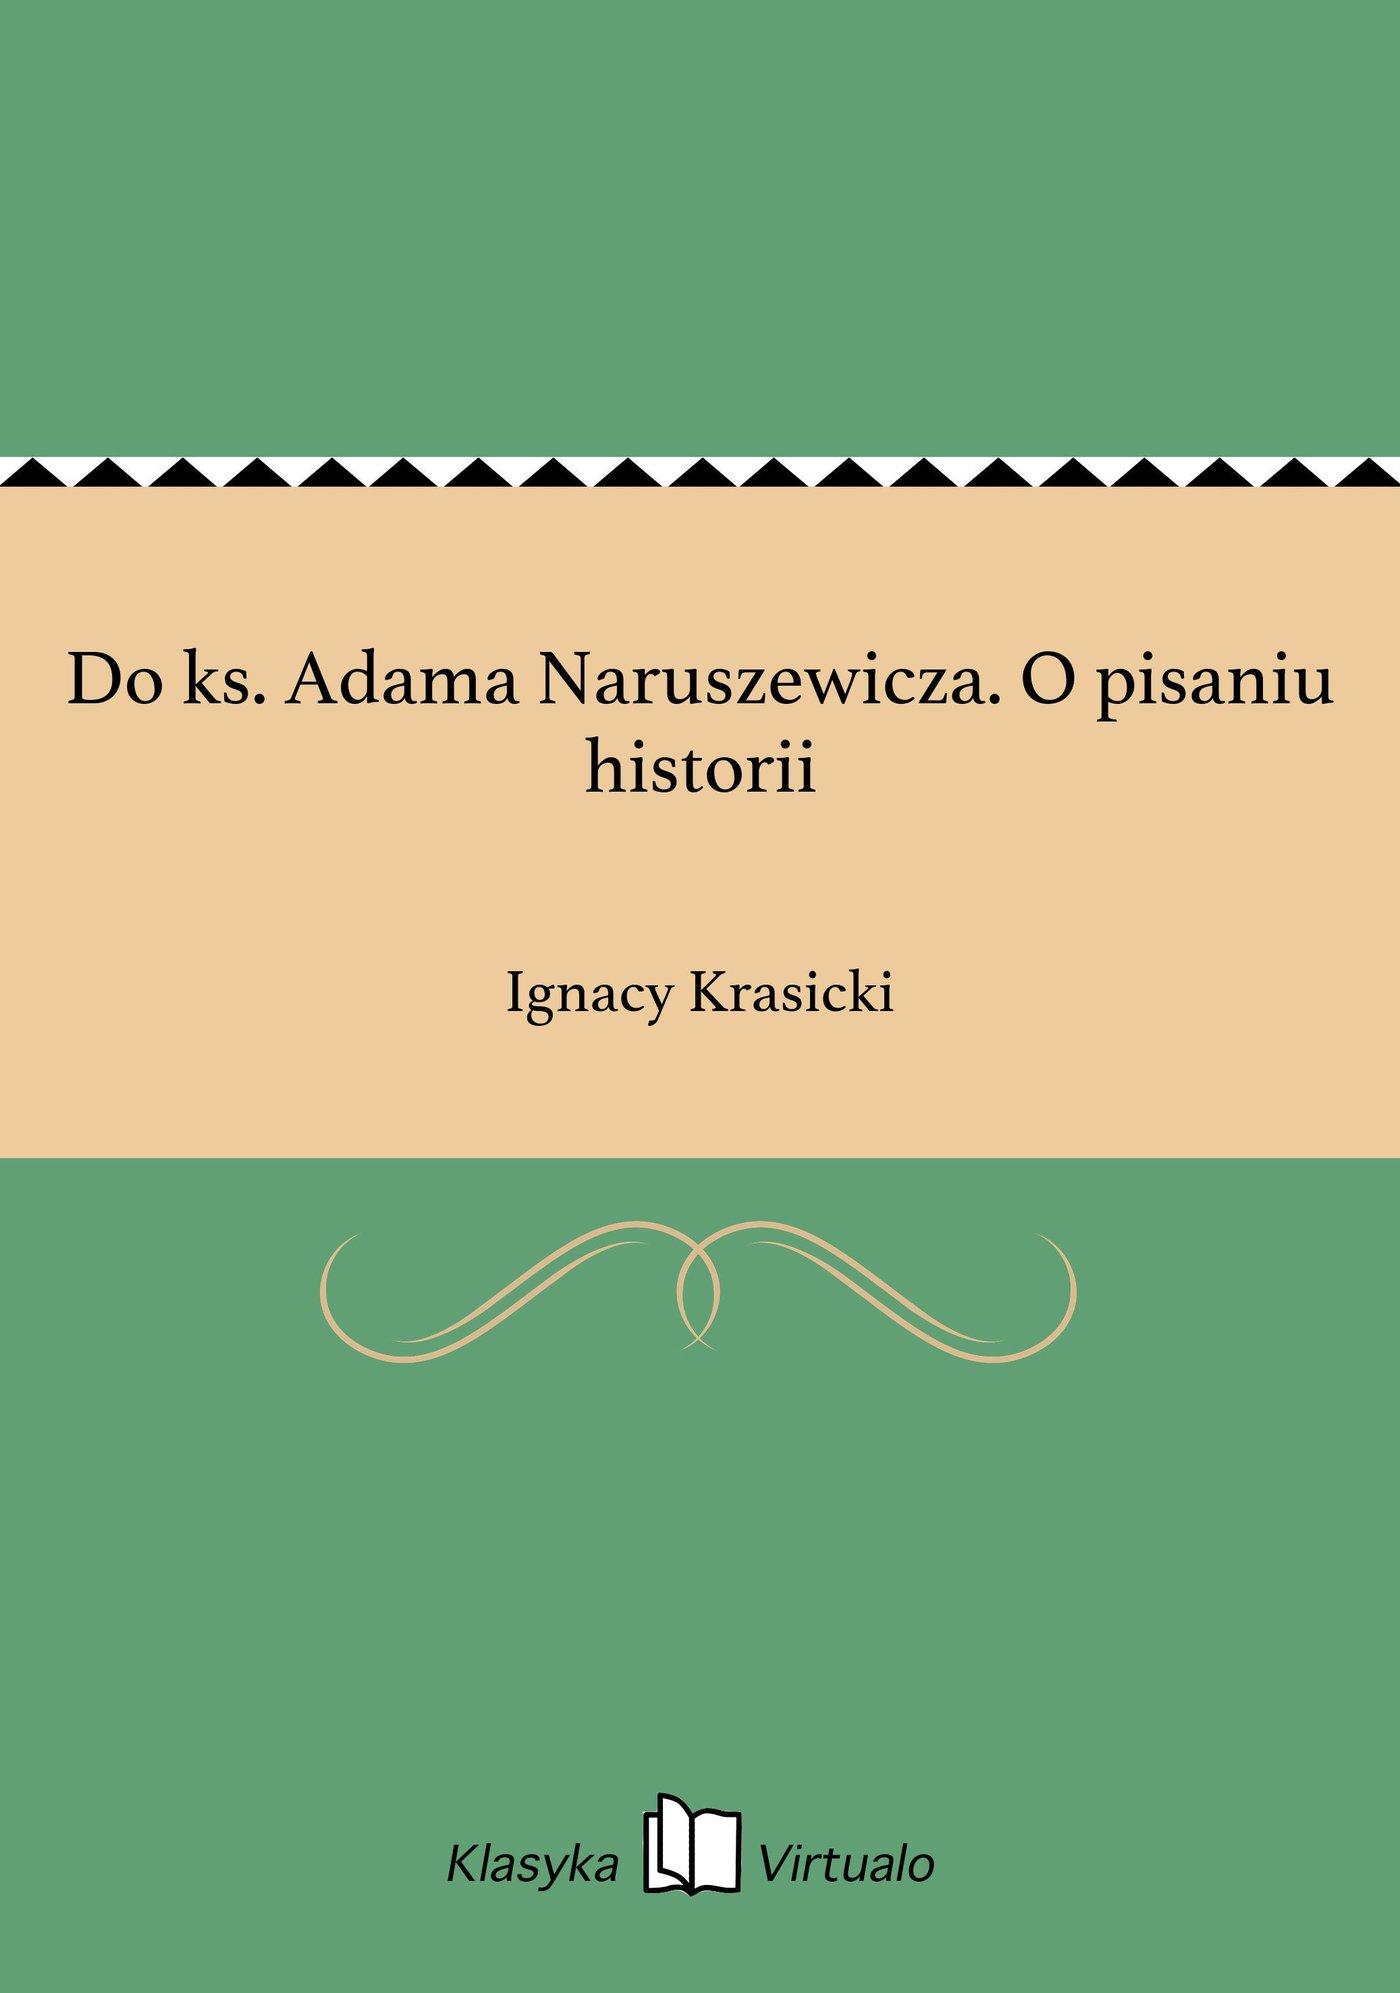 Do ks. Adama Naruszewicza. O pisaniu historii - Ebook (Książka EPUB) do pobrania w formacie EPUB